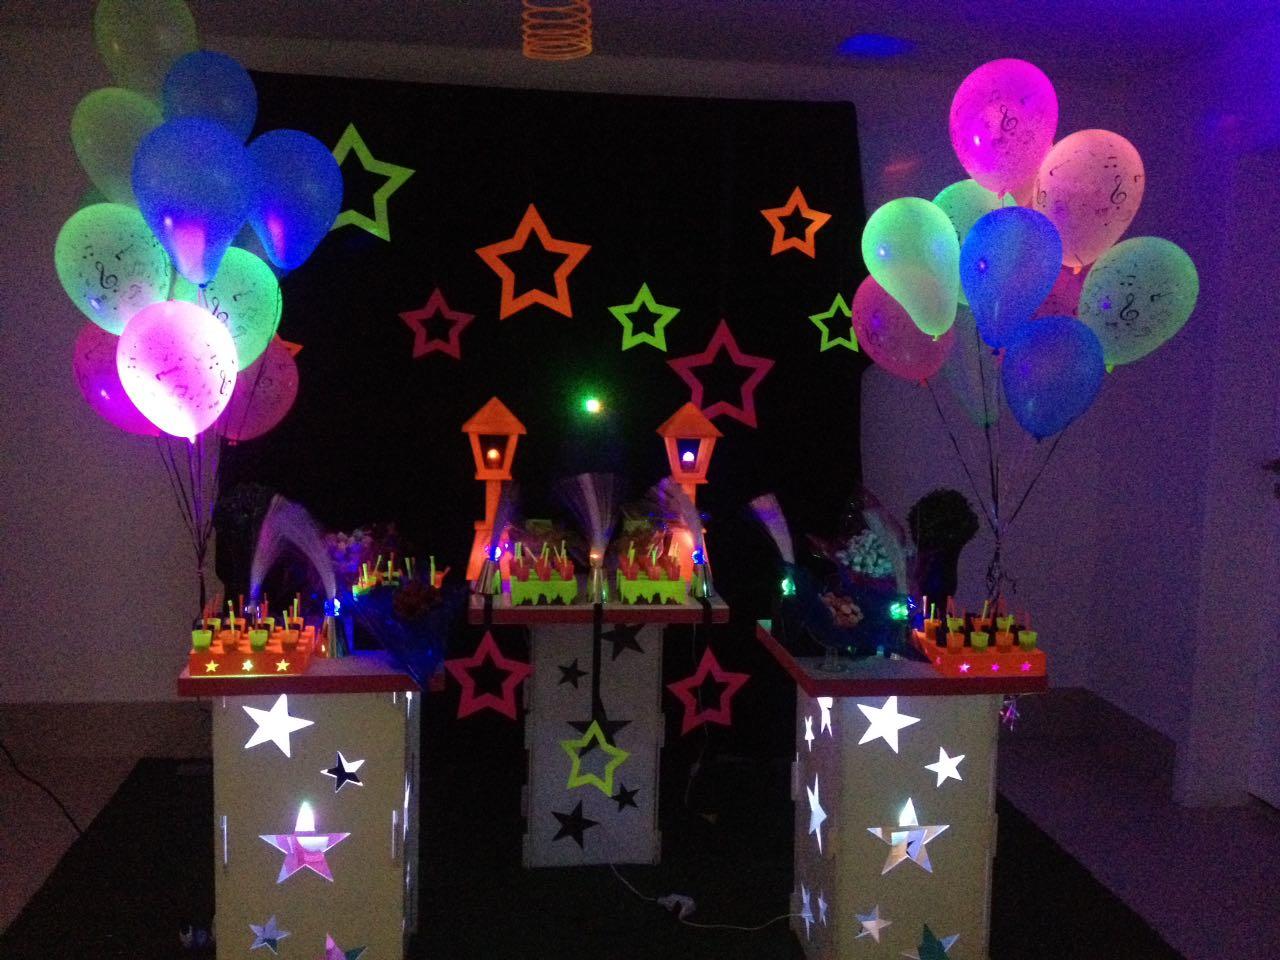 Amado Decoração Provençal Balada Teen Neon | Mamy Pappy Eventos Infantis  YH16